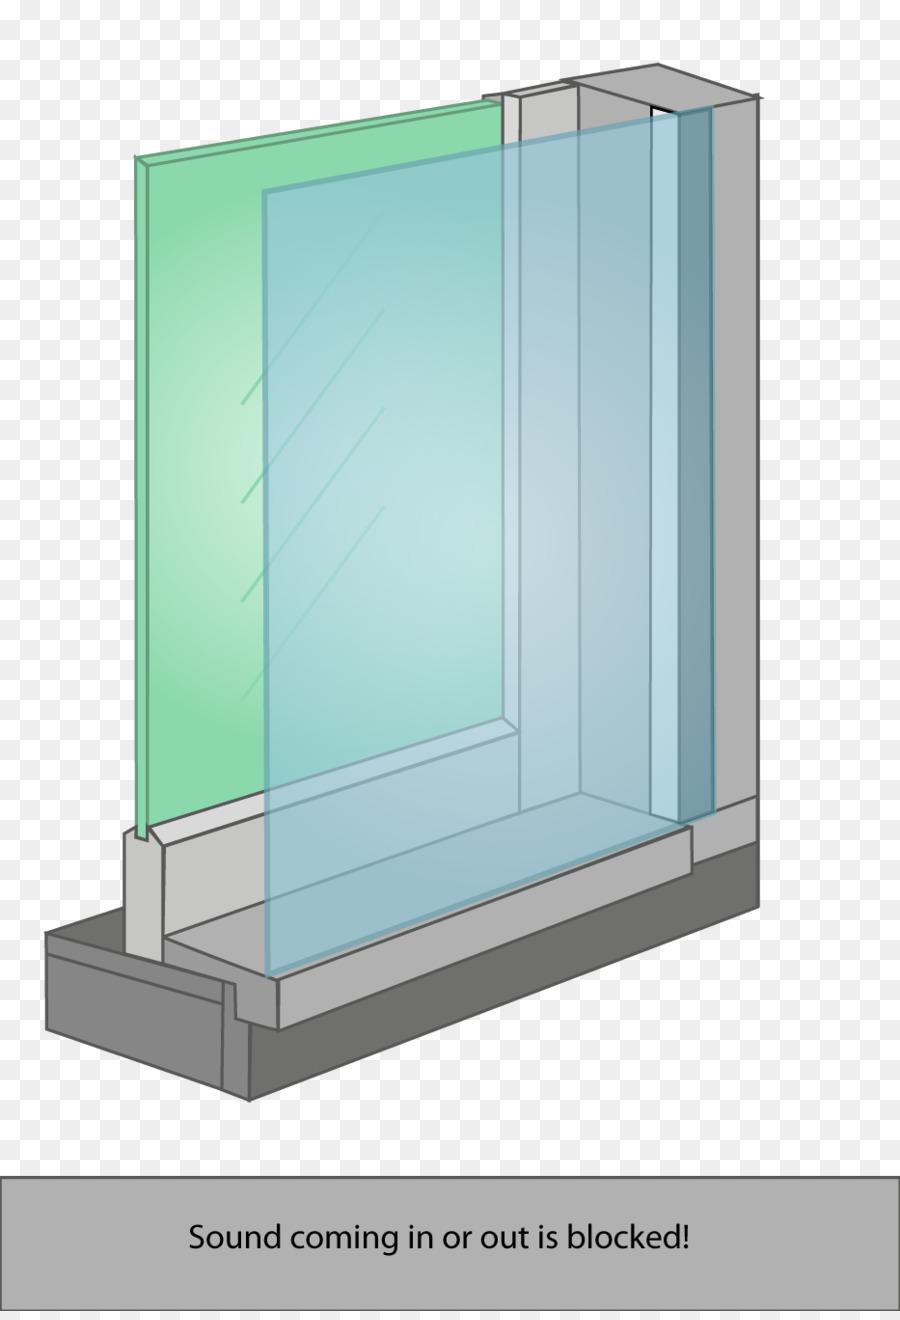 Full Size of Fenster Jalousien Und Schattierungen Schallisolierung Poly Window Mit Kunststoff Absturzsicherung Alu Online Konfigurieren Trocal Marken Holz Fenster Fenster Jalousien